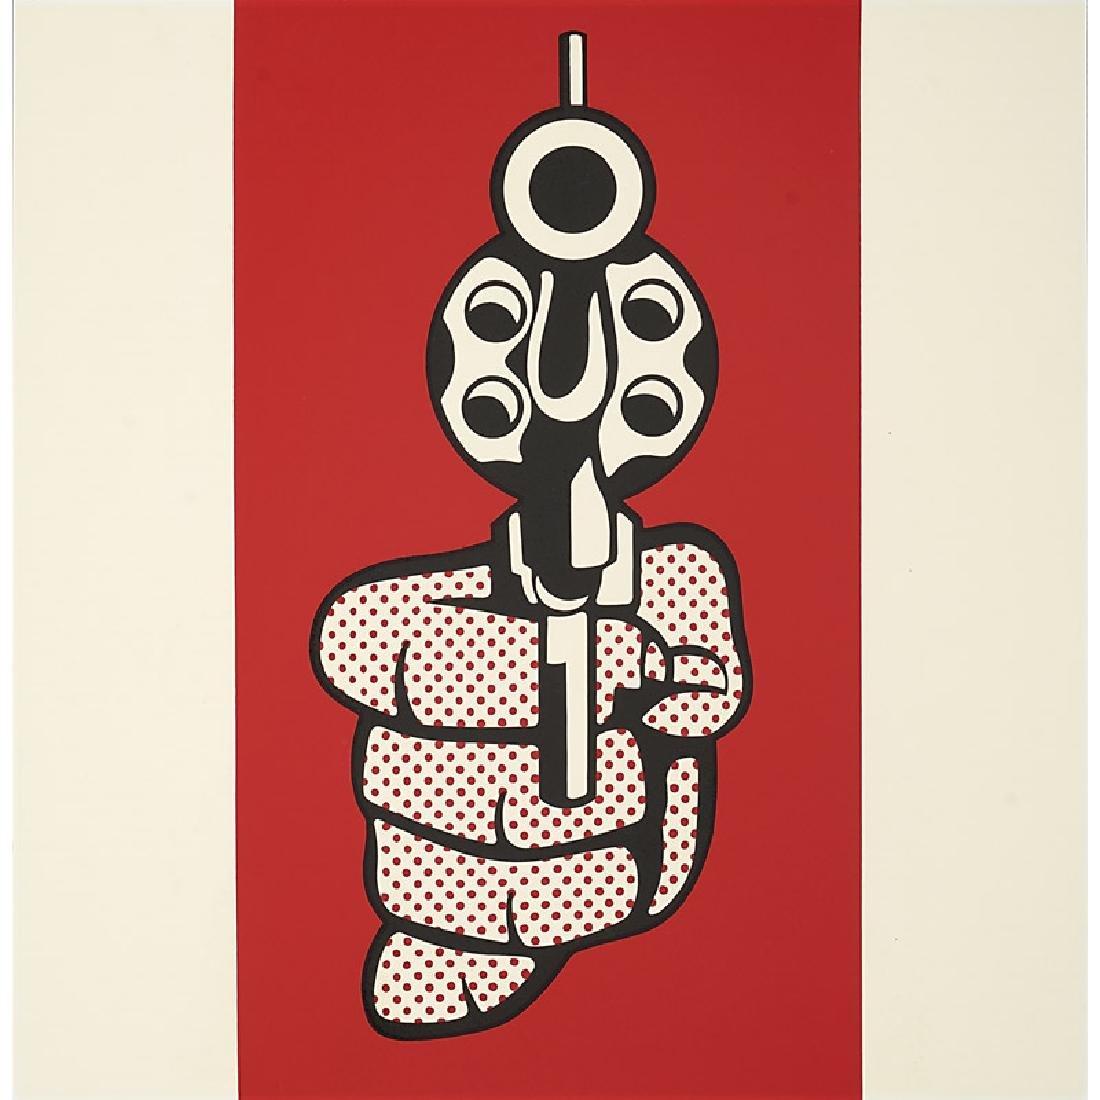 After Roy Lichtenstein (American, 1923-1997)